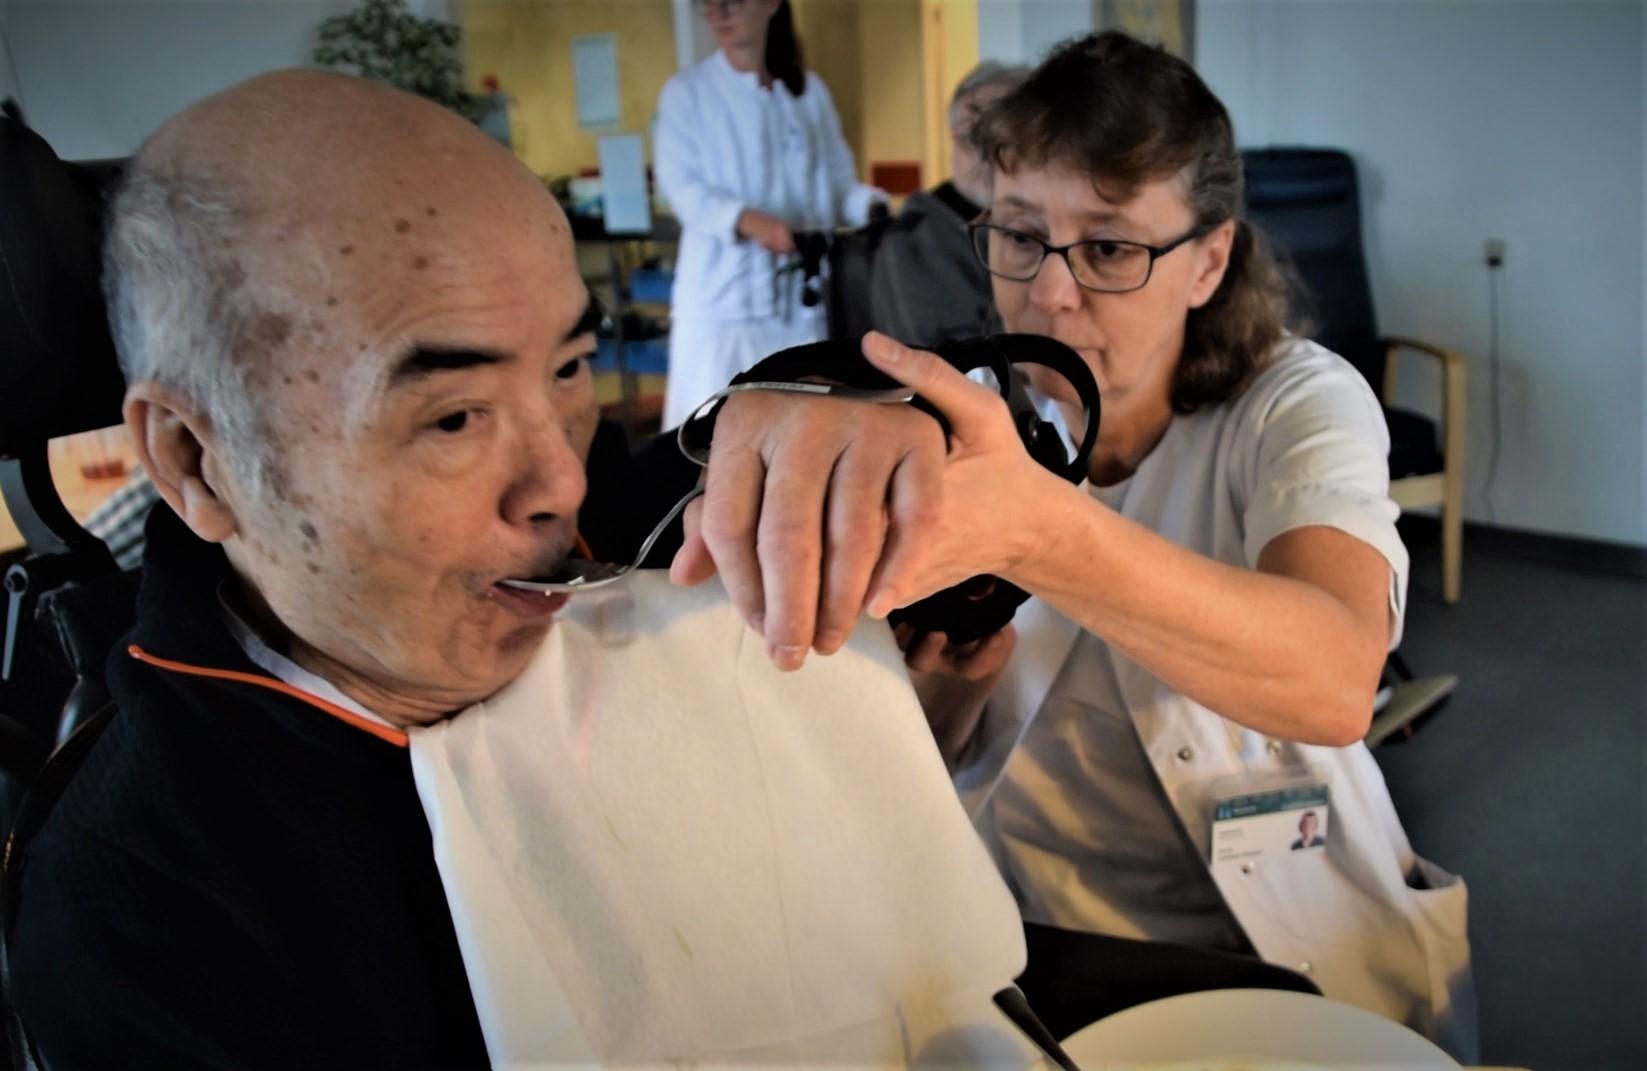 Peter Liu har ikke styrke nok i armen til at kunne spise selv, men armstøtten Dowing hjælper ham godt på vej ved at initiere bevægelsen og samtidig træne armens led og muskler.